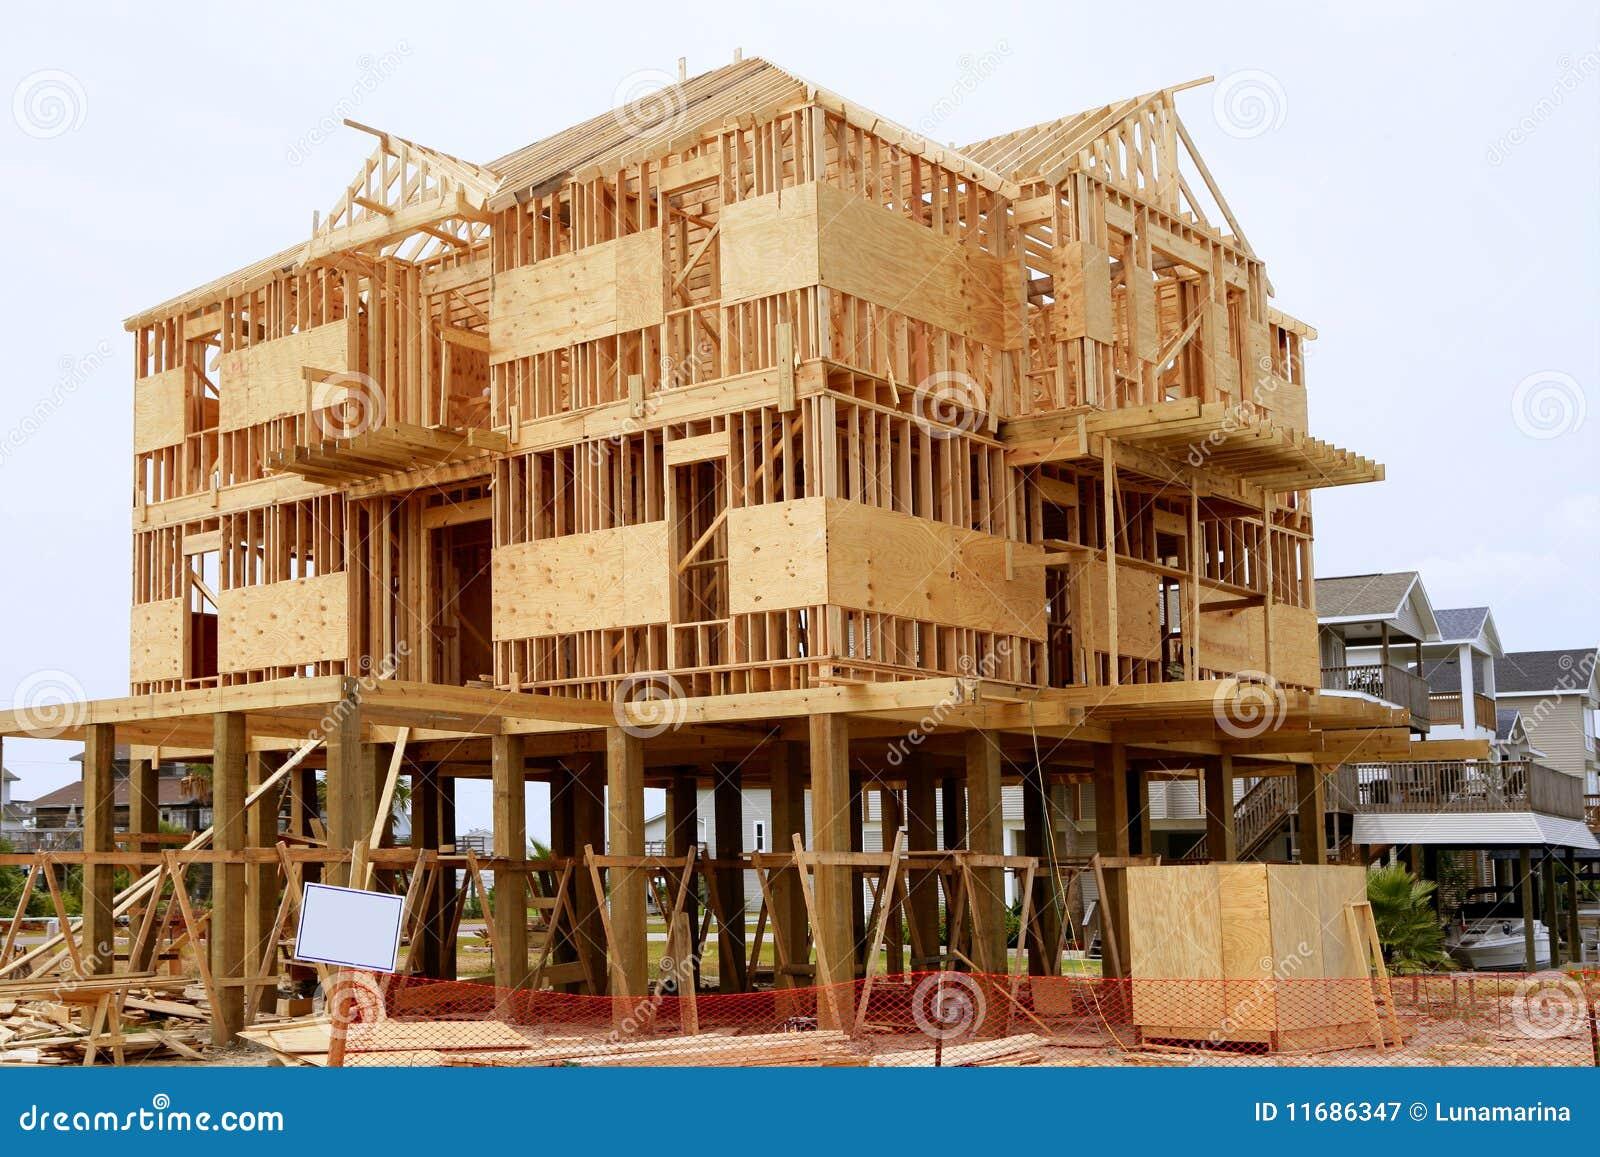 Contruction de la casa de madera estructura de madera - Casas estructura de madera ...